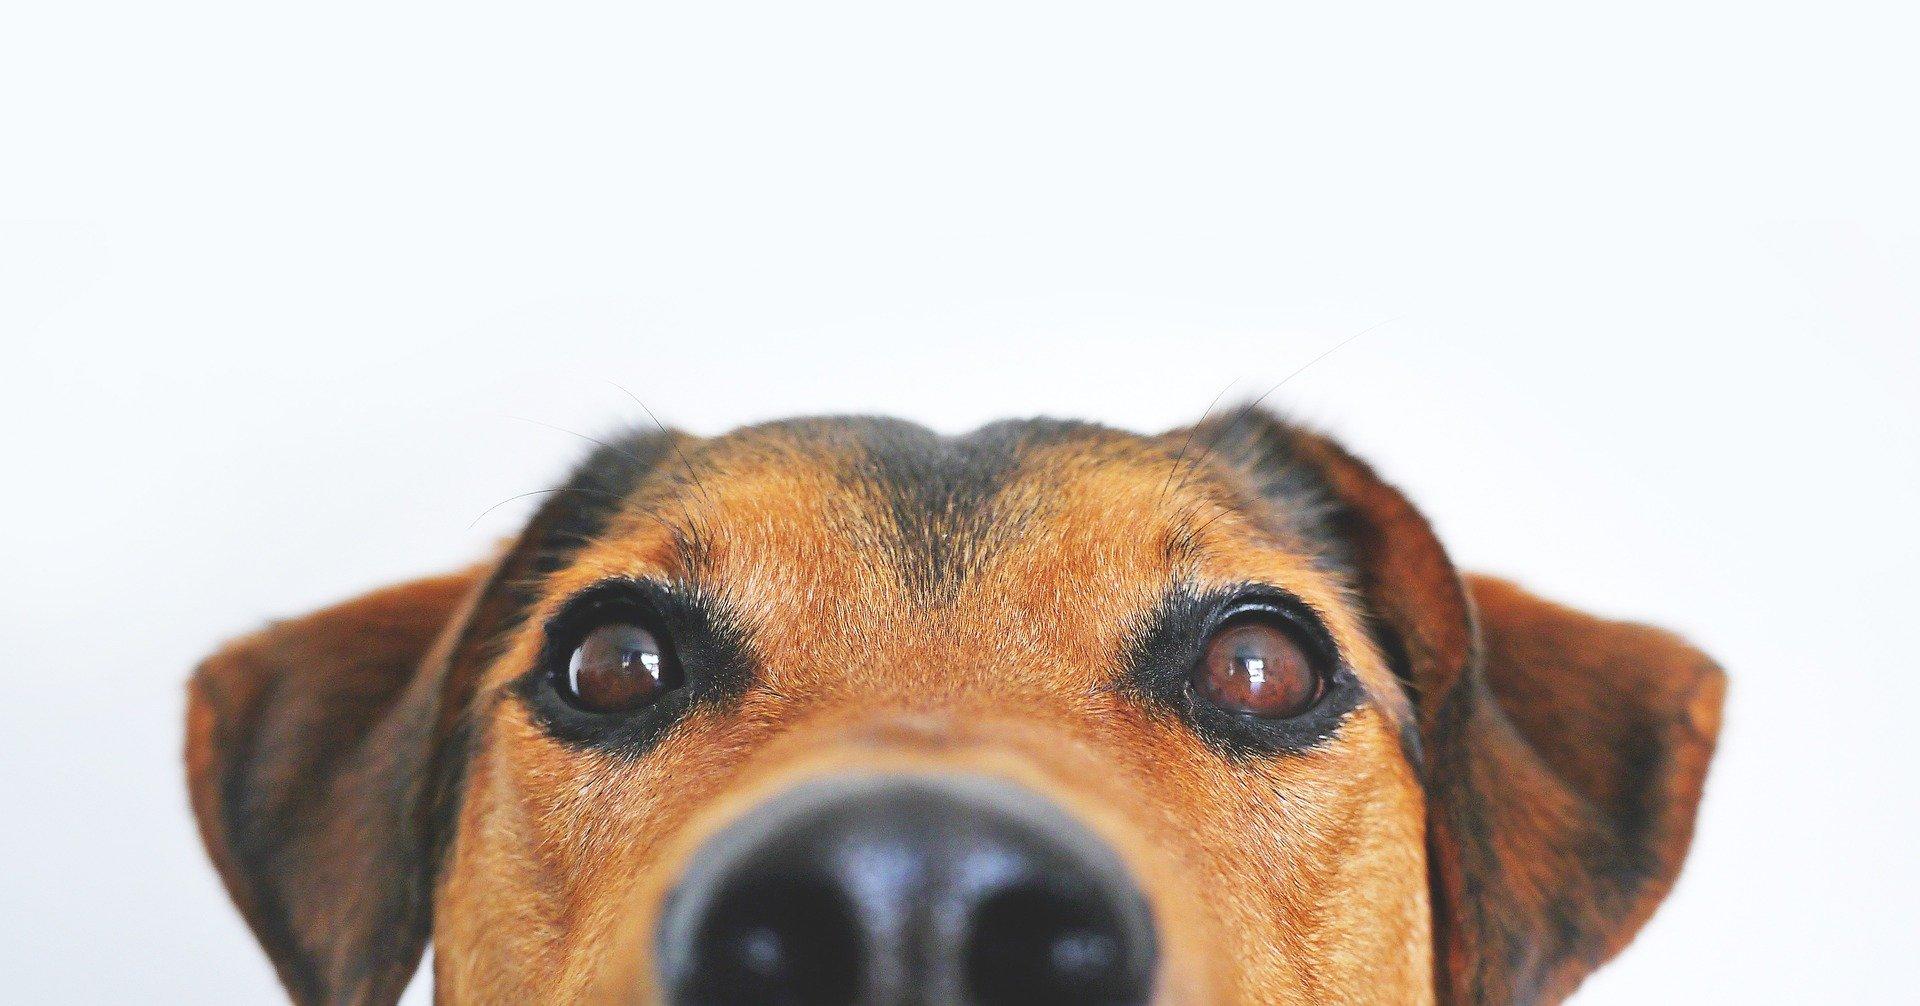 Pes má mnohem širší zorné pole než člověk a vidí lépe ve tmě, ale nedokáže rozlišit všechny barvy.